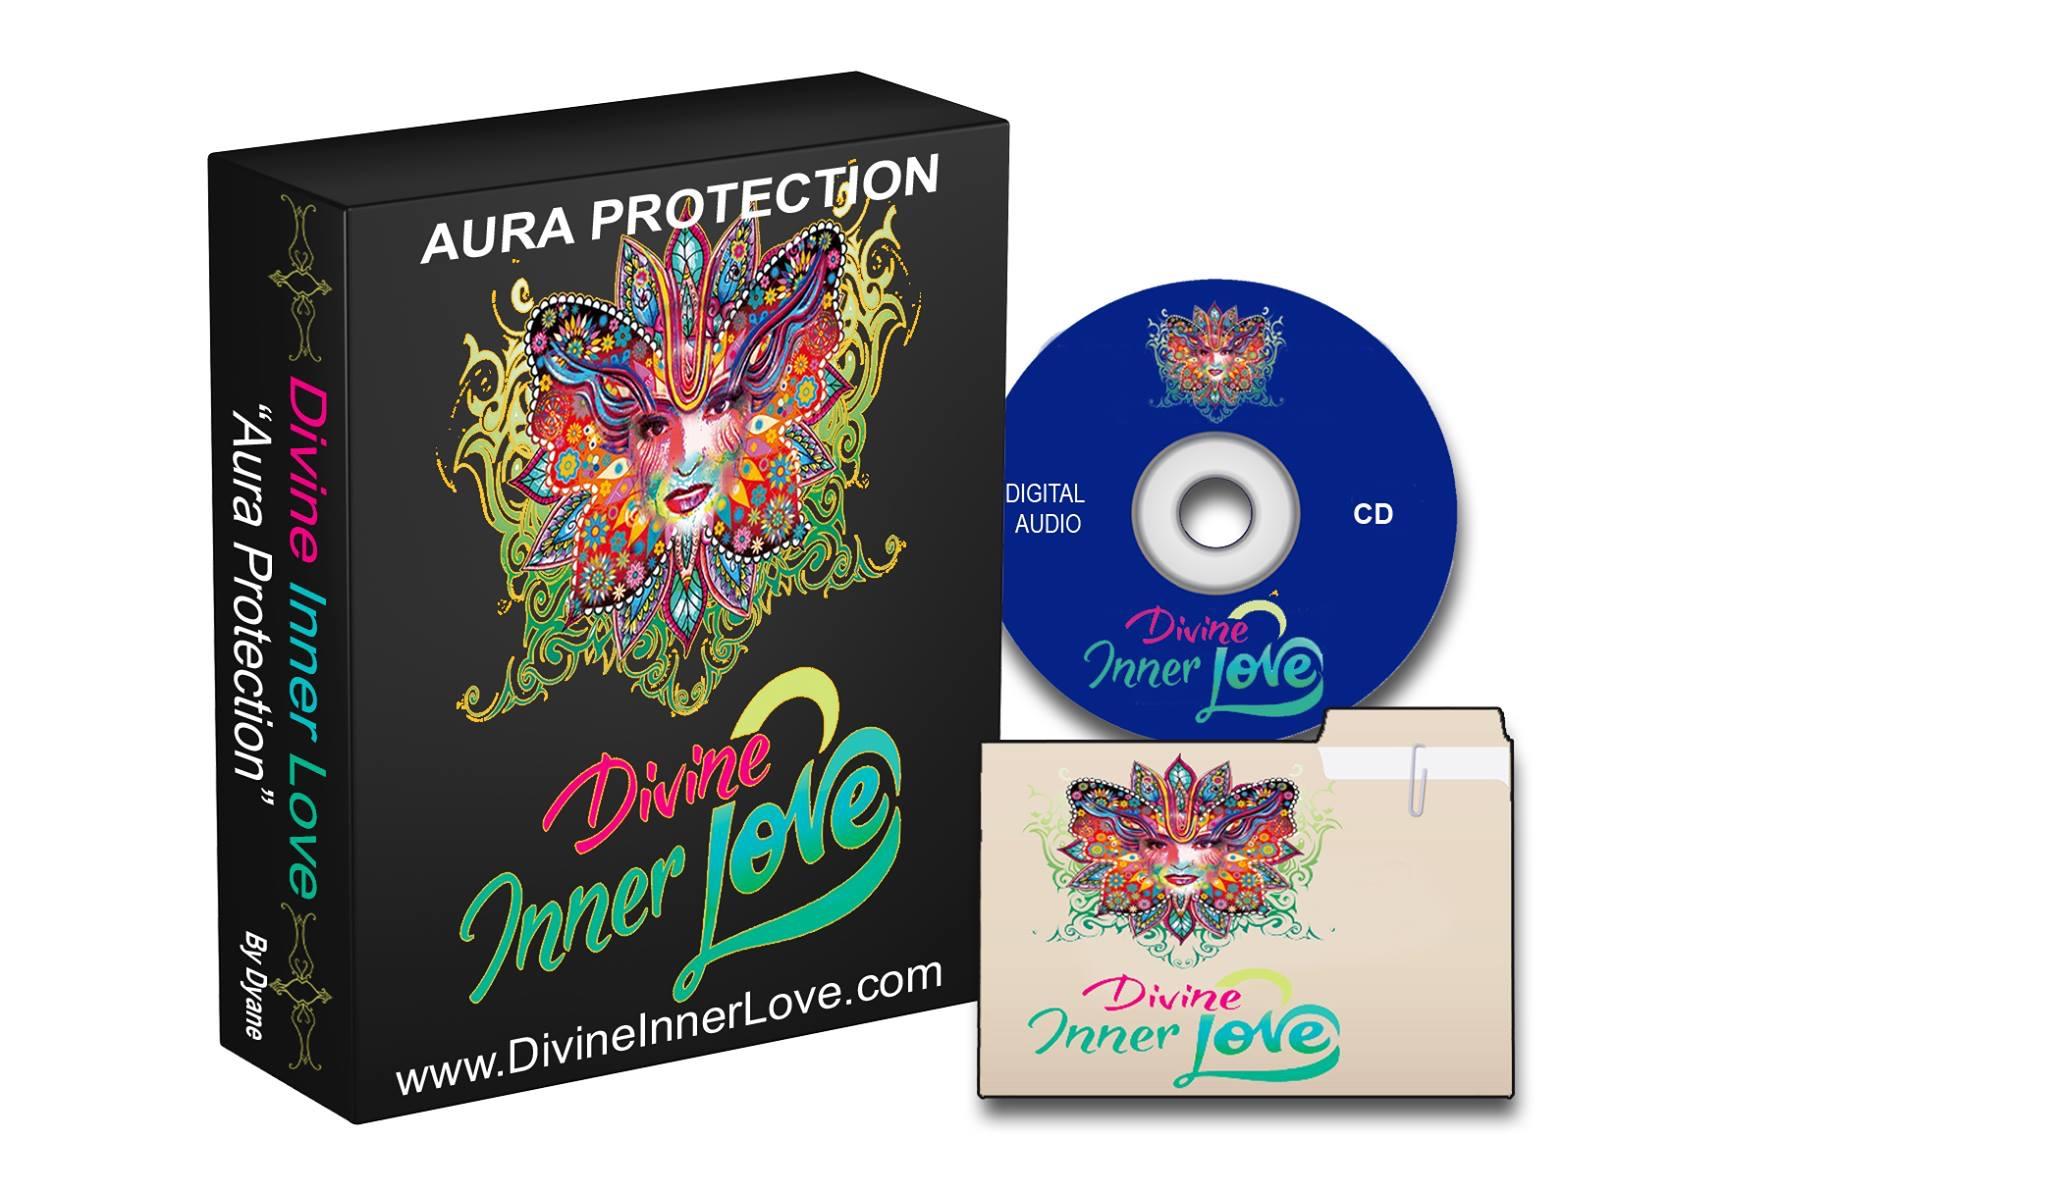 Aura Protection Divine Inner Love